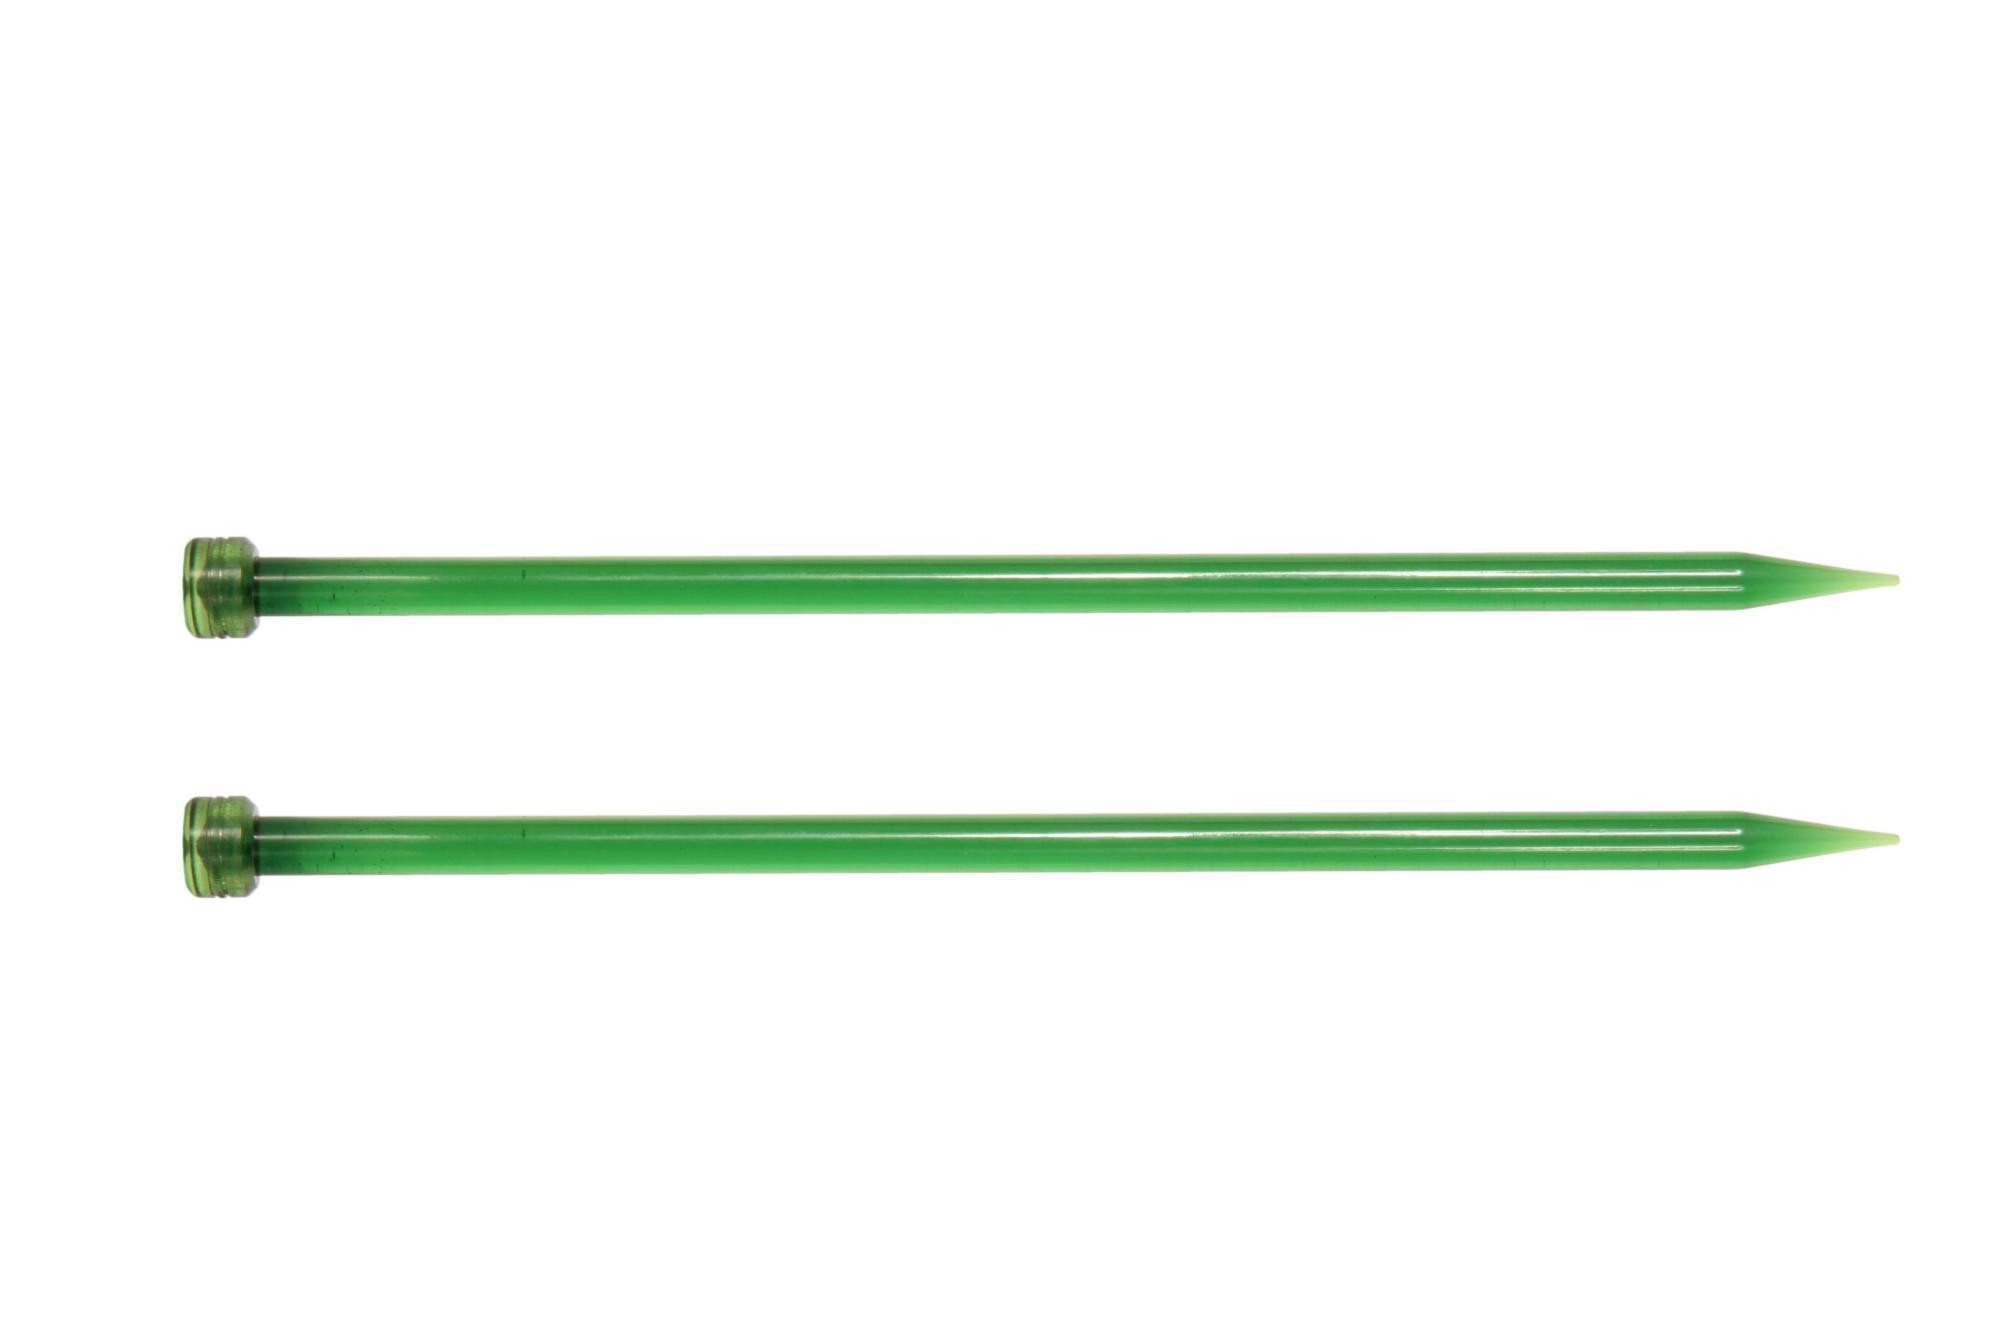 Спицы прямые 30 см Trendz KnitPro, 51199, 9.00 мм